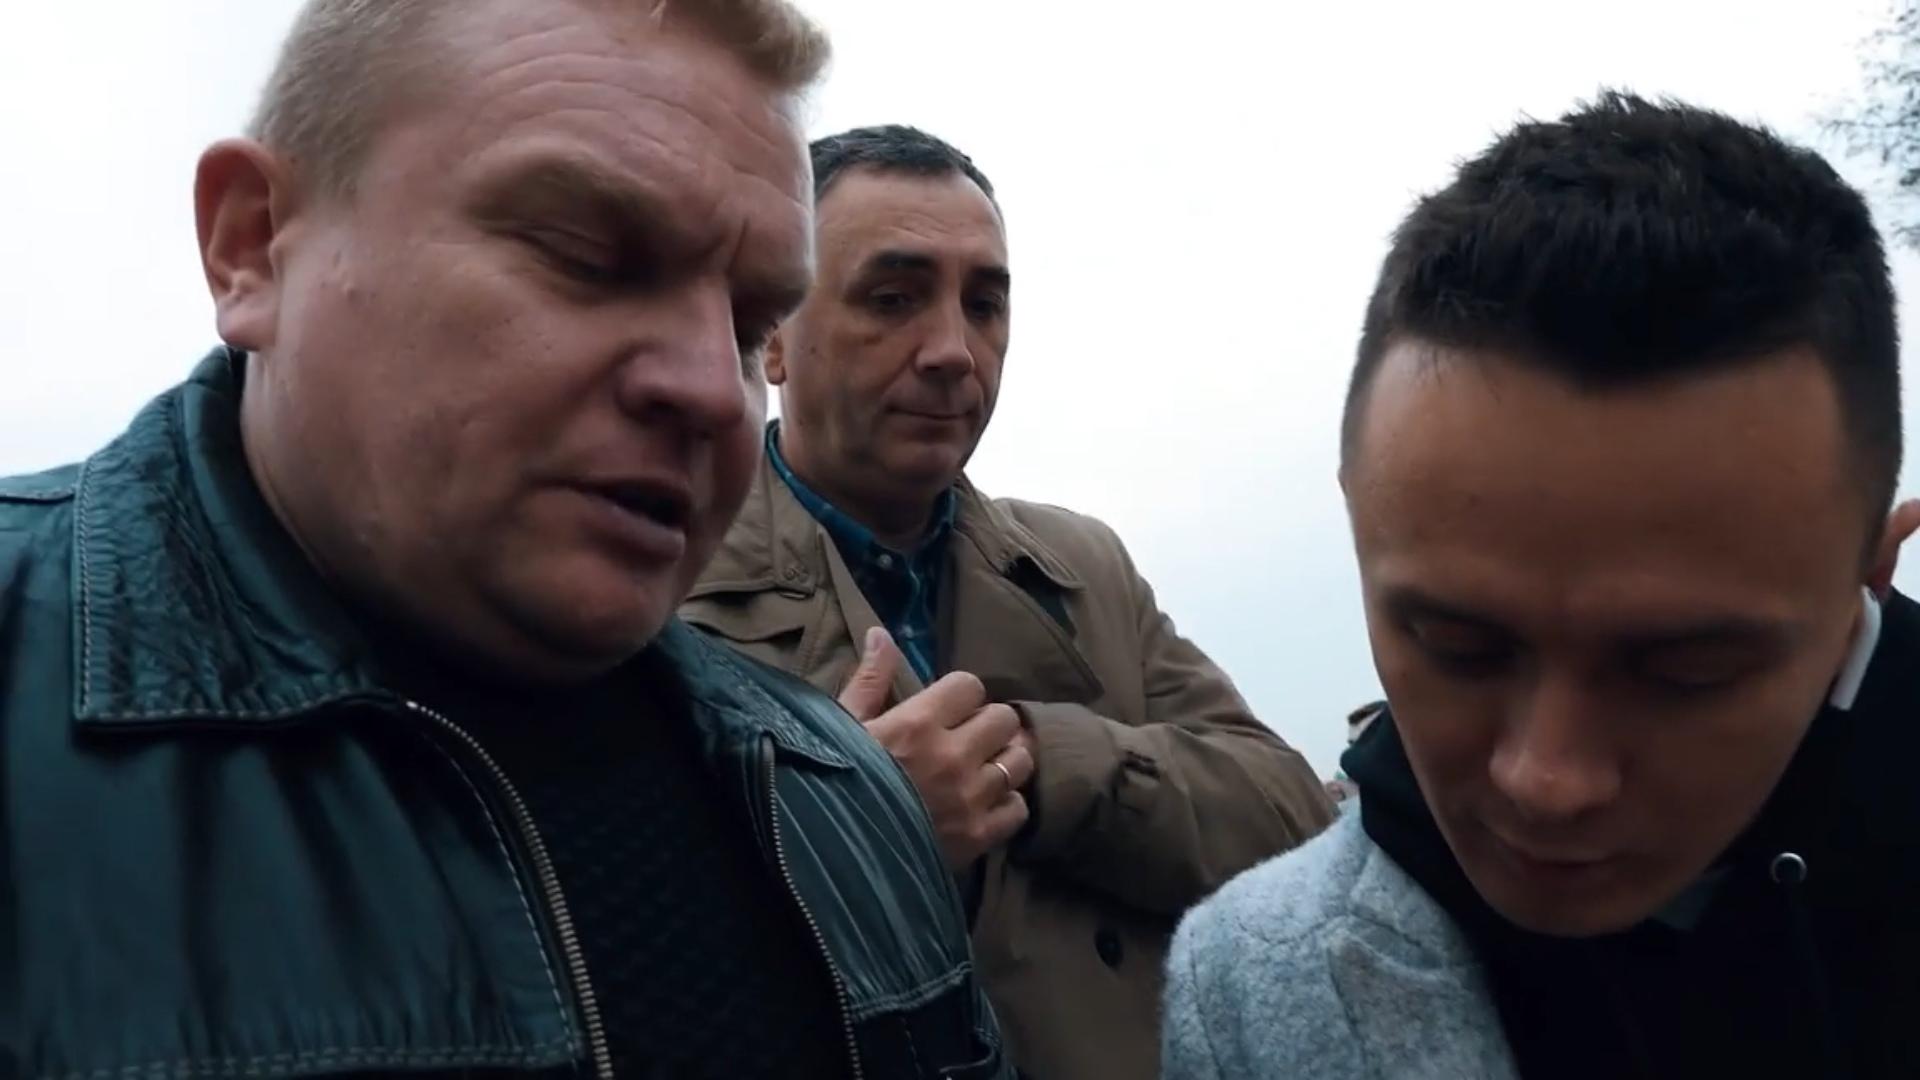 Илья Соболев проиграл в споре с умными ярославцами: видео